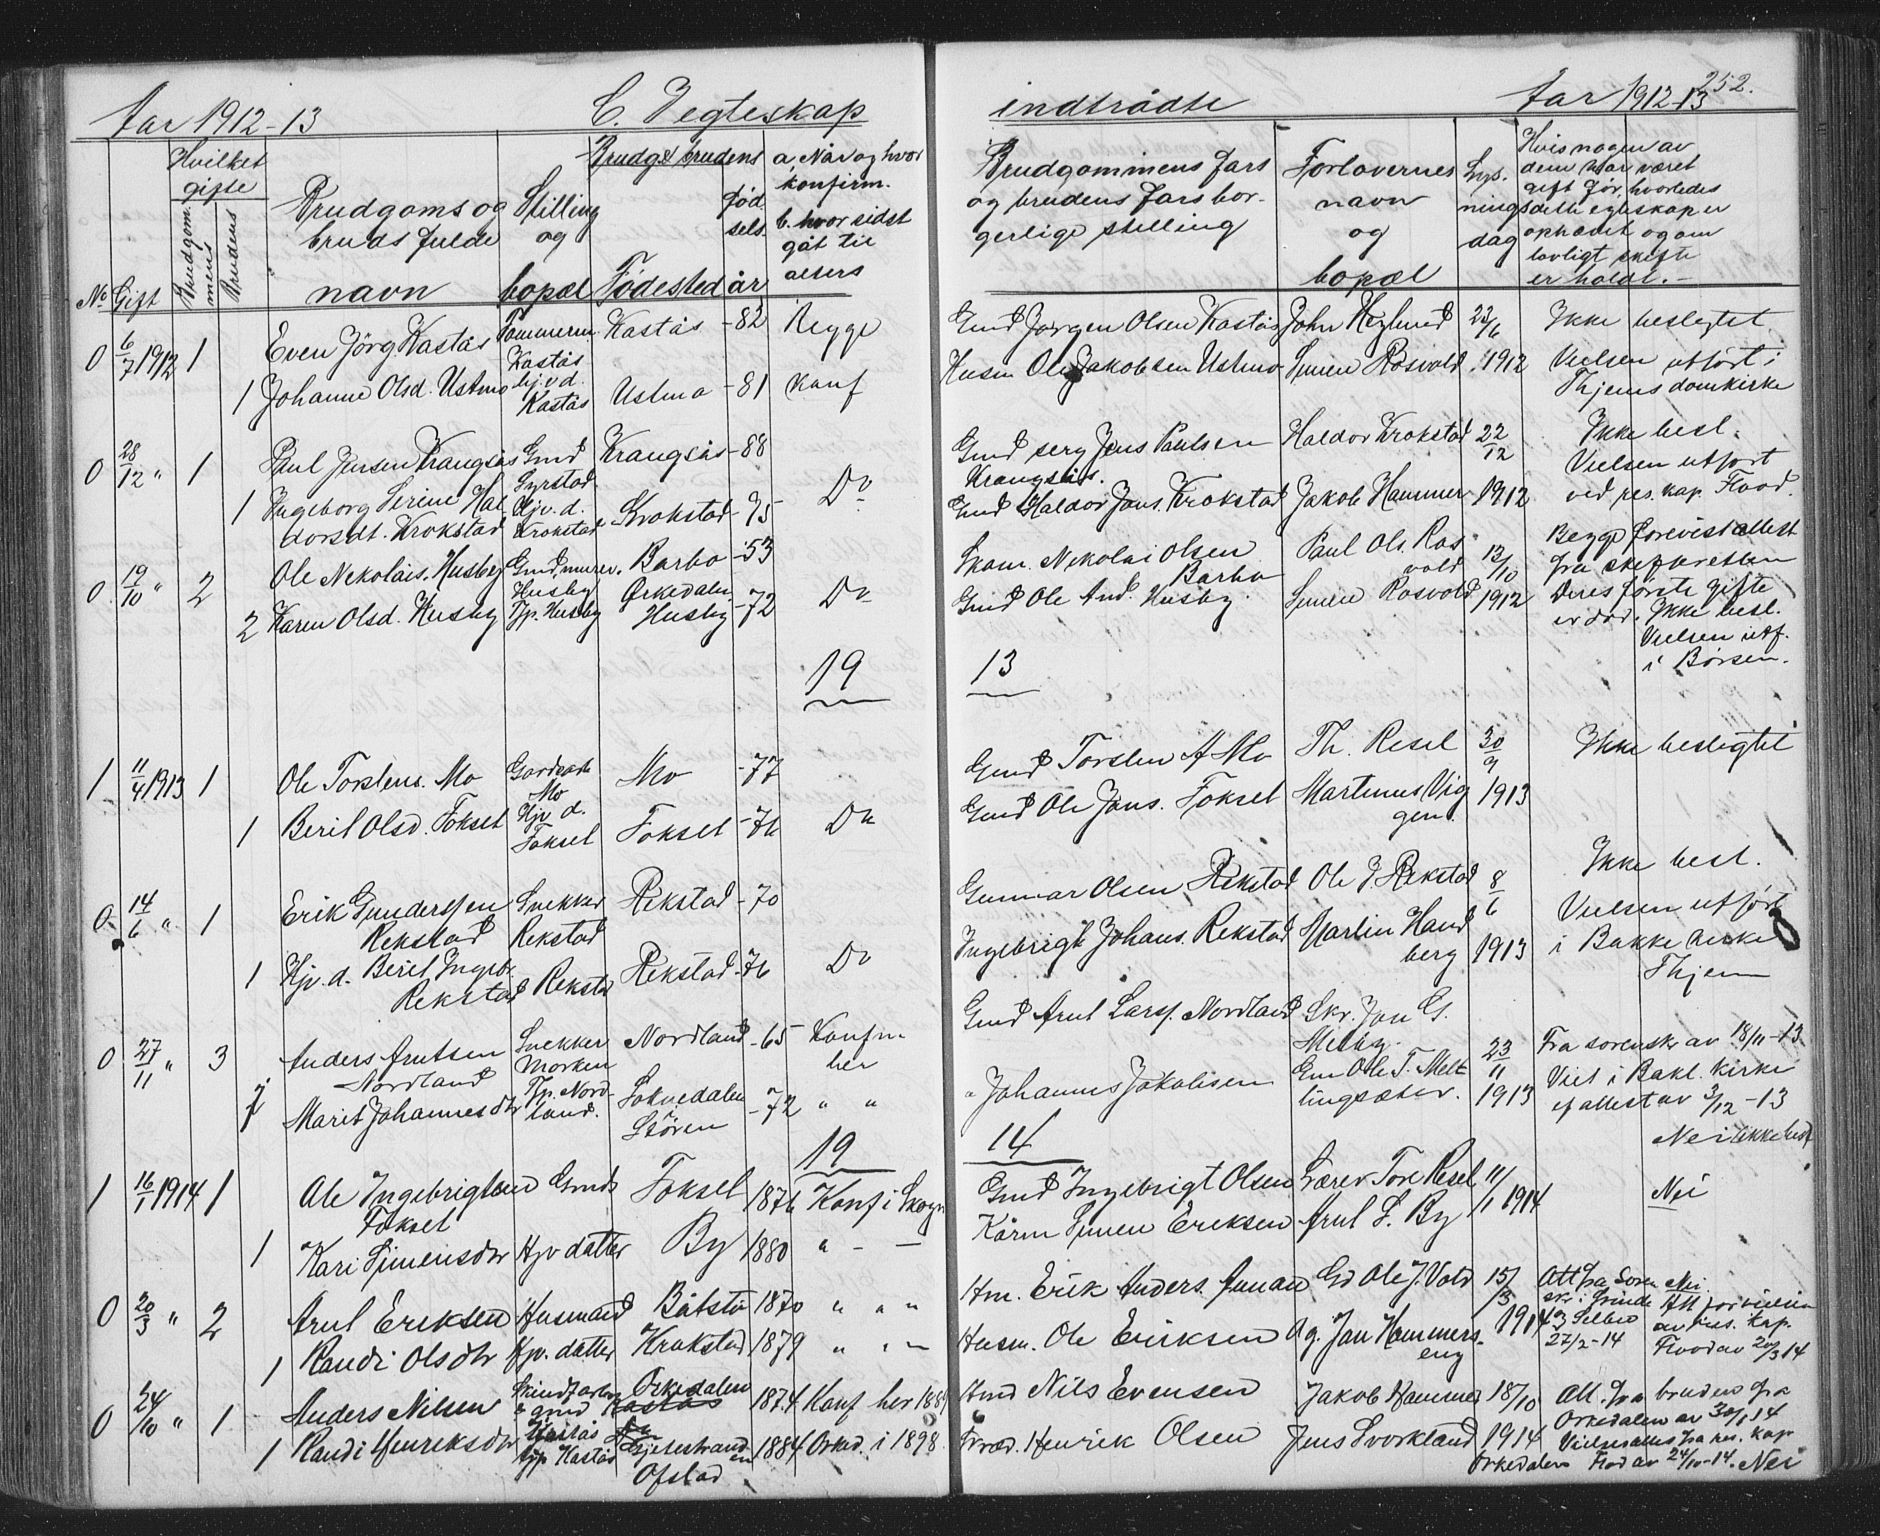 SAT, Ministerialprotokoller, klokkerbøker og fødselsregistre - Sør-Trøndelag, 667/L0798: Klokkerbok nr. 667C03, 1867-1929, s. 252